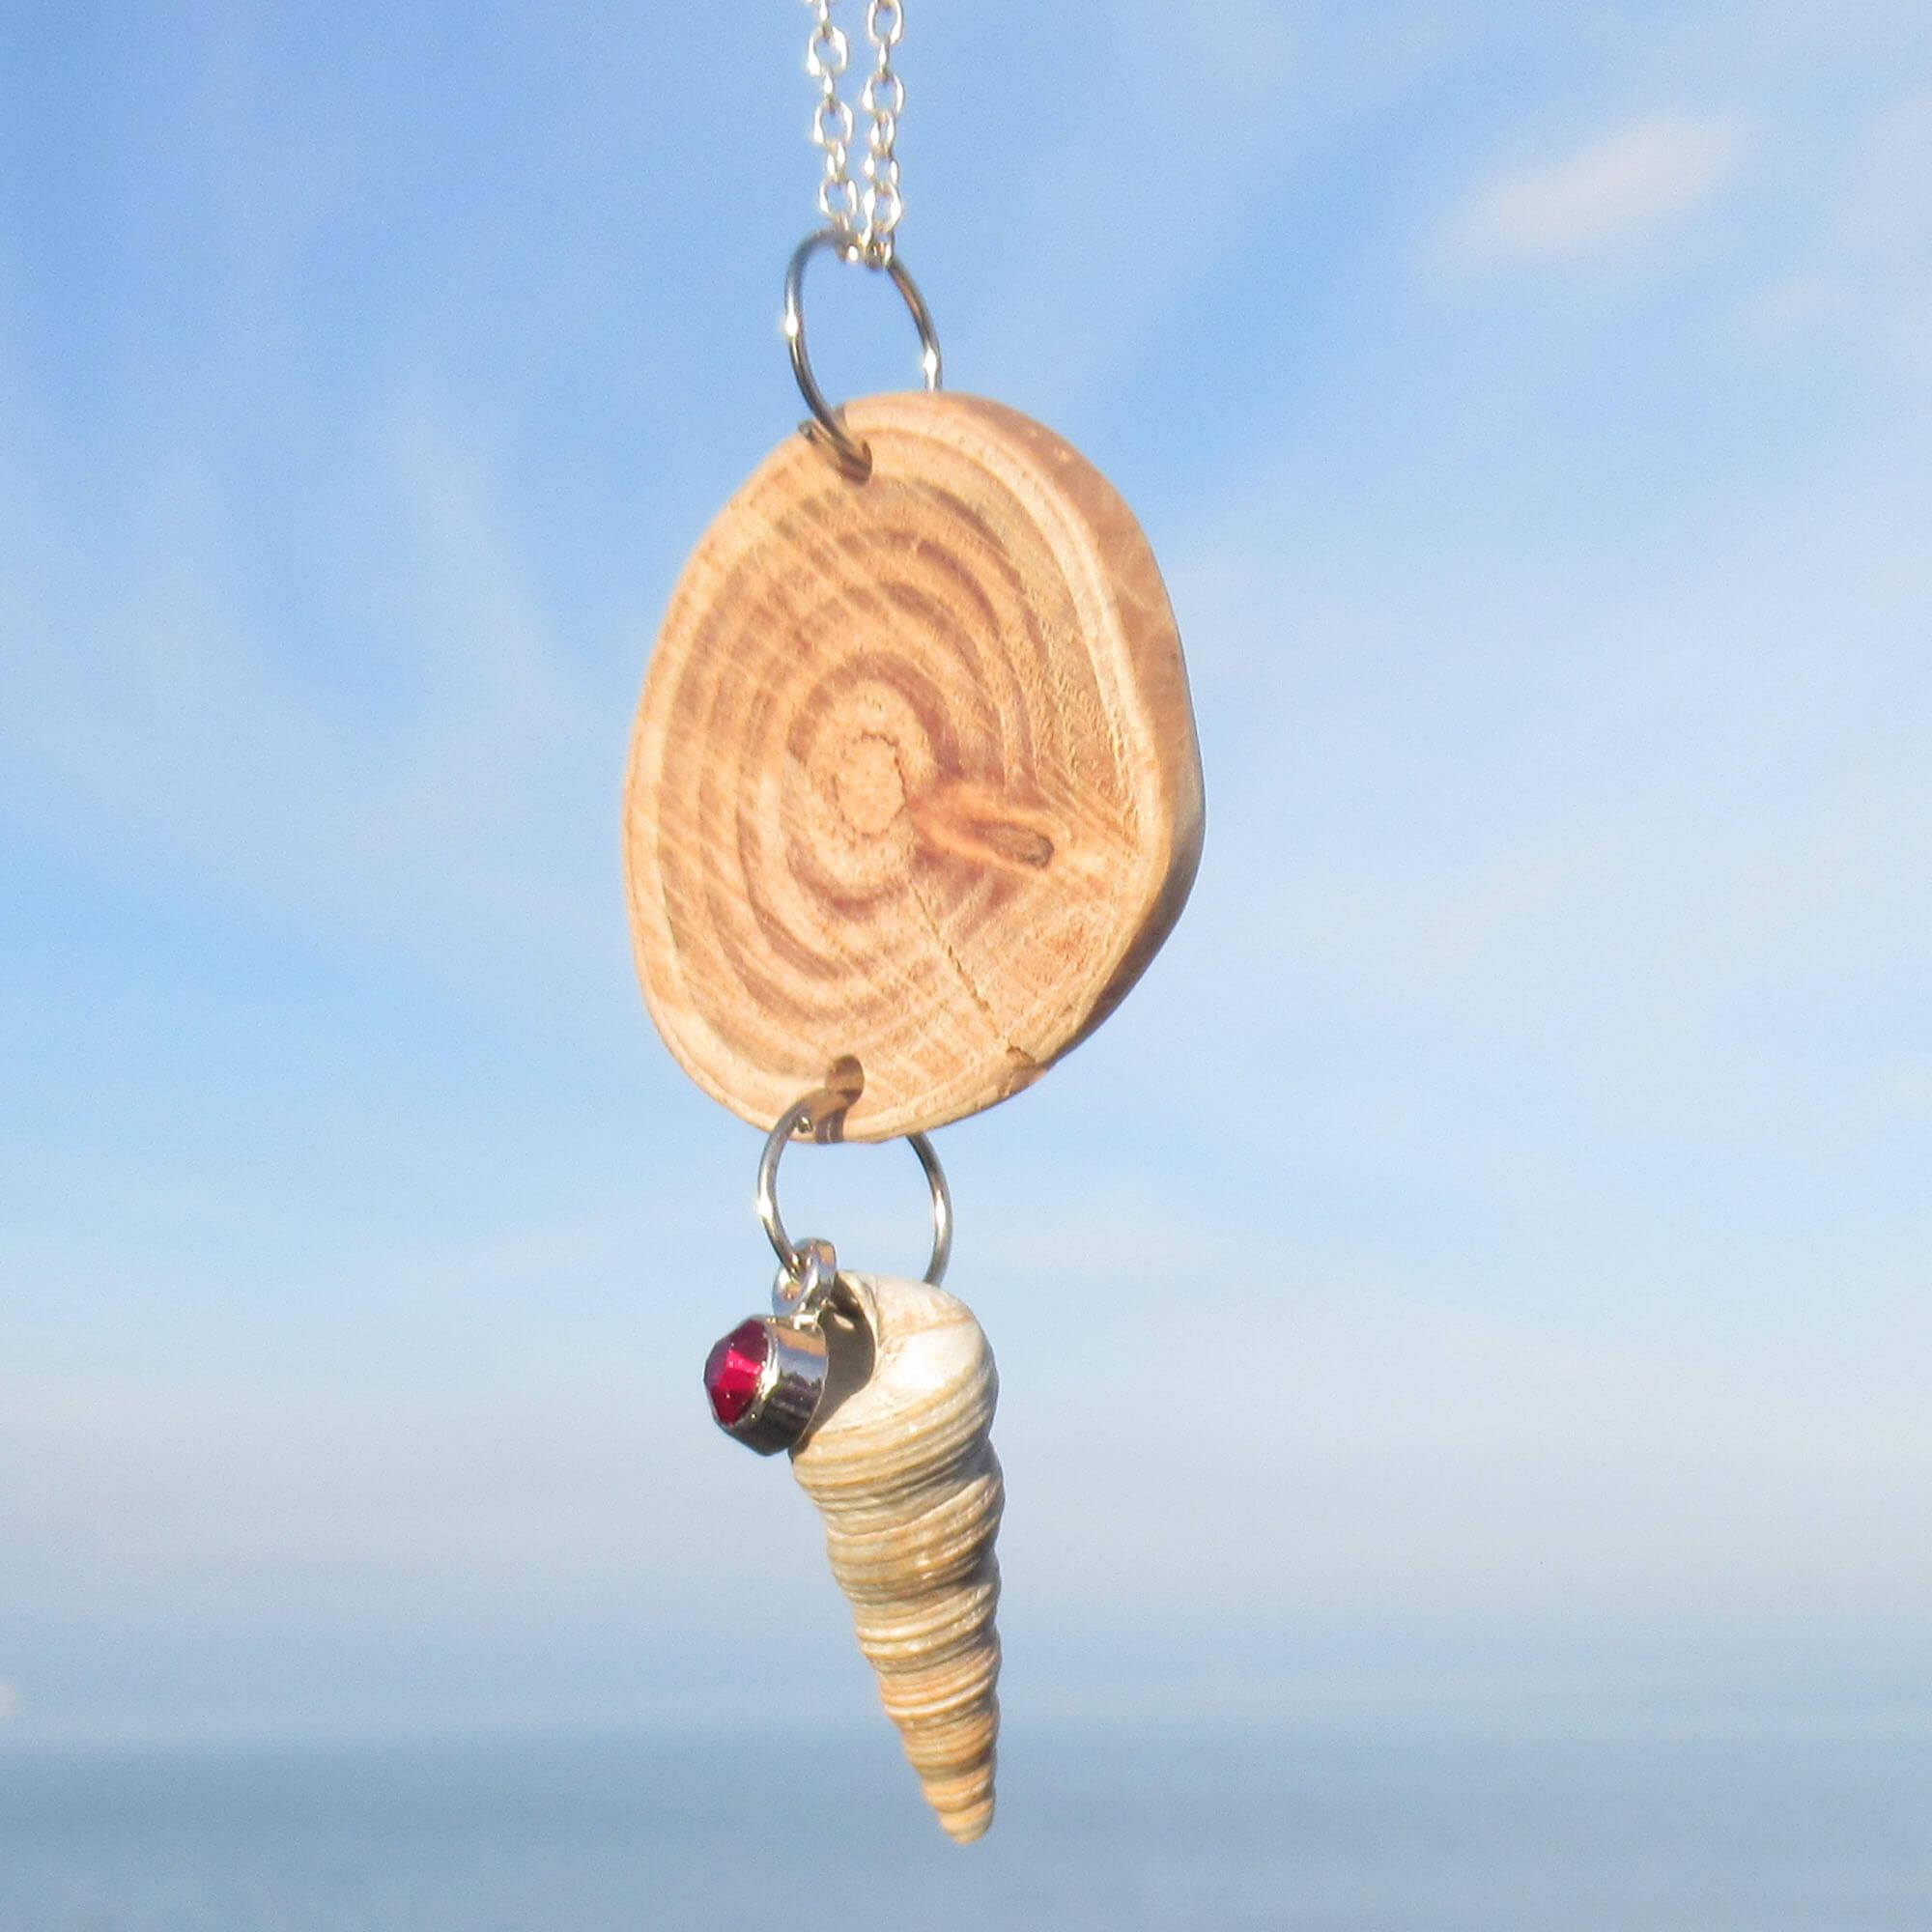 Treibholzscheibe mit schöner Maserung und Schneckenmuschel